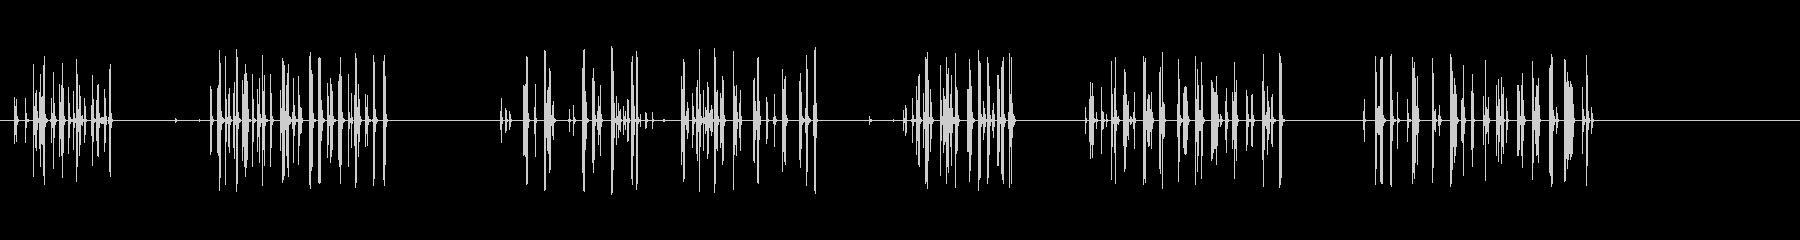 シェイクアンドラトル、さまざまなギ...の未再生の波形